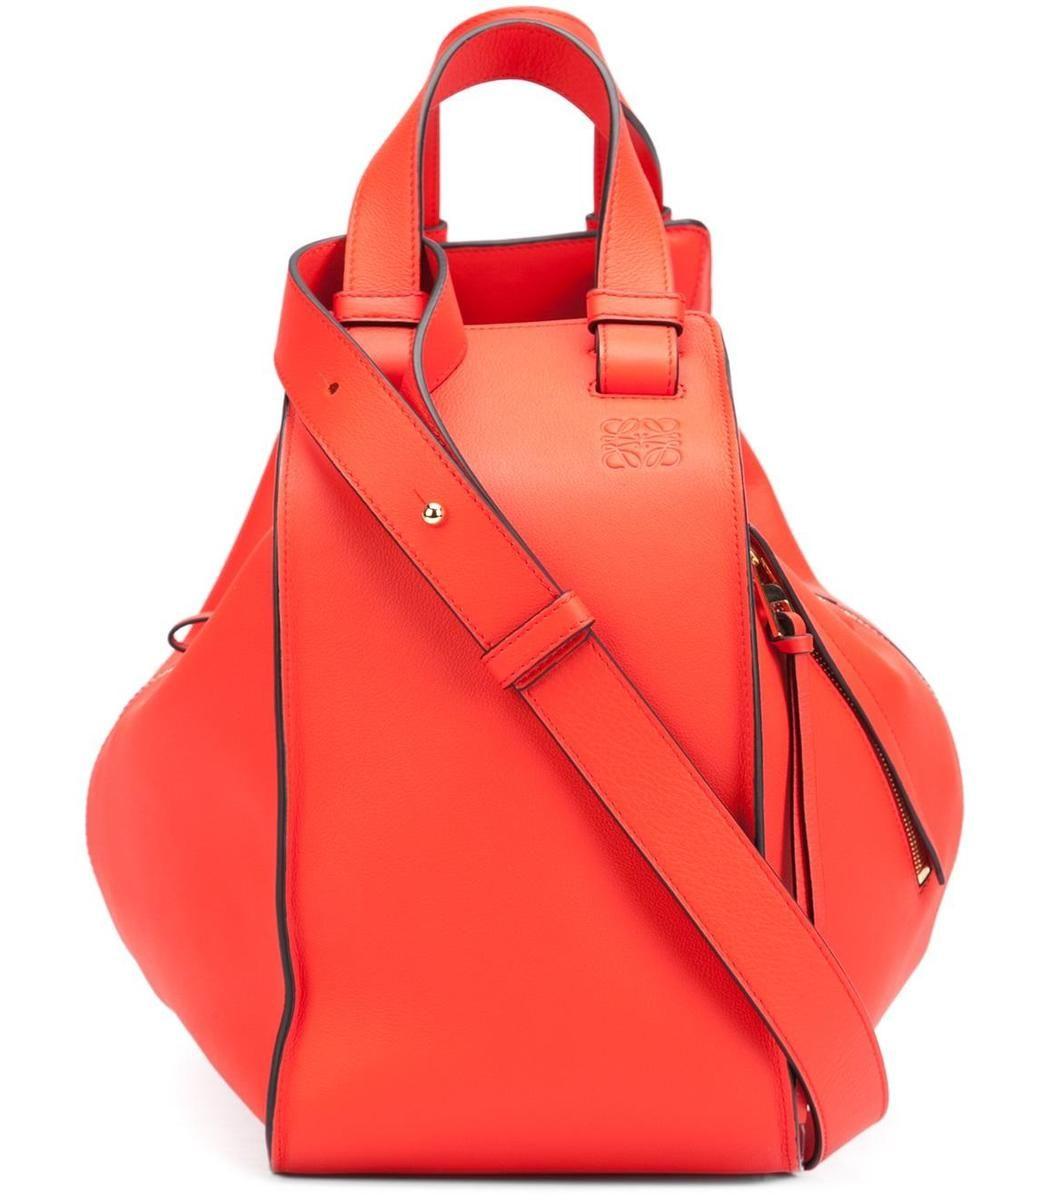 63d0382d66 LOEWE Red  Hammock  Bag.  loewe  bags  leather  hand bags